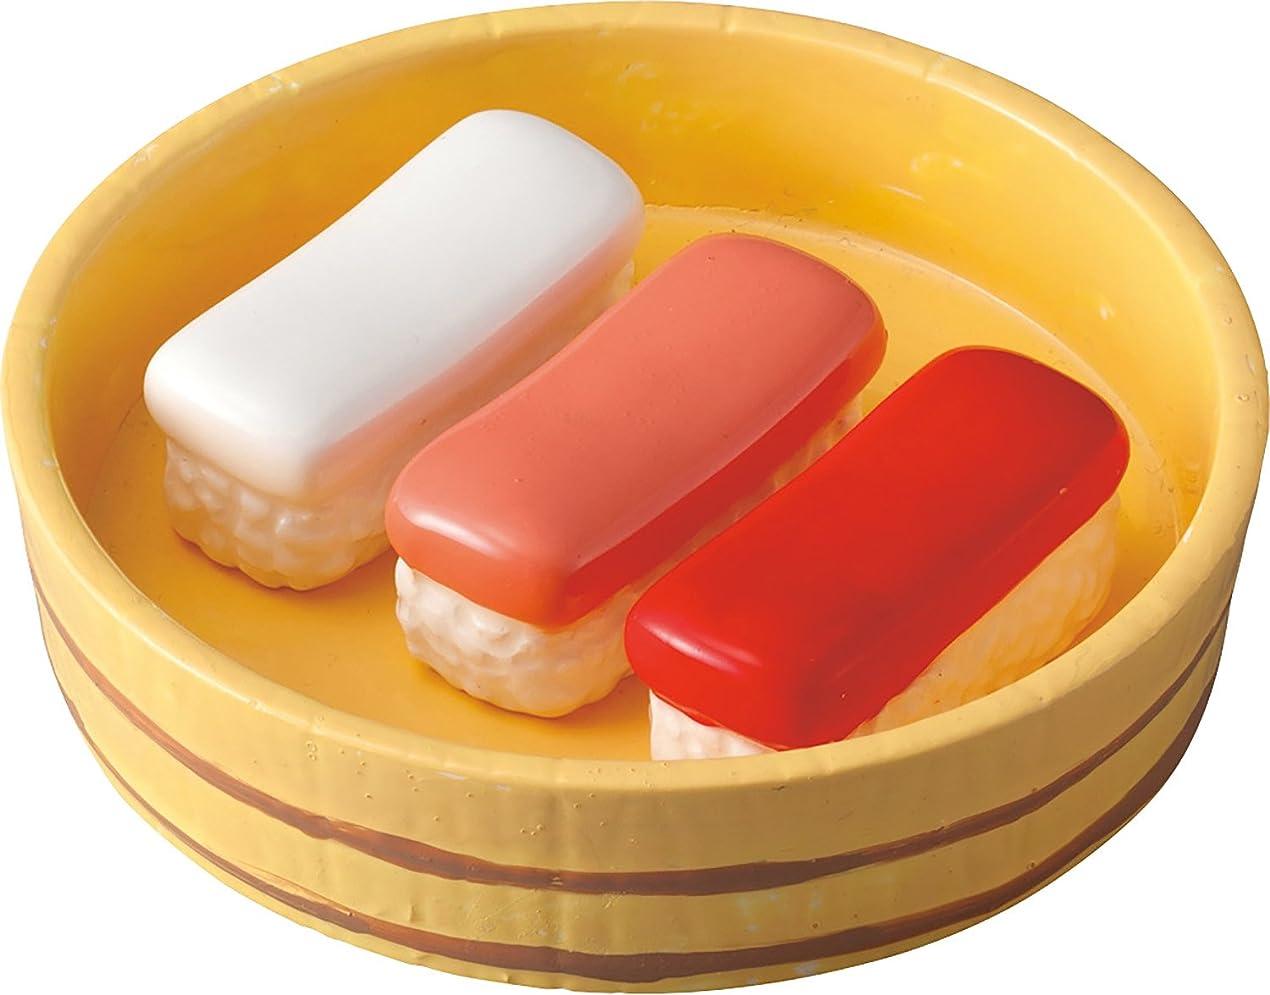 保険をかけるページェント影響するかわいい パンダ醤油皿 小皿 パンダ雑貨 6種類セット